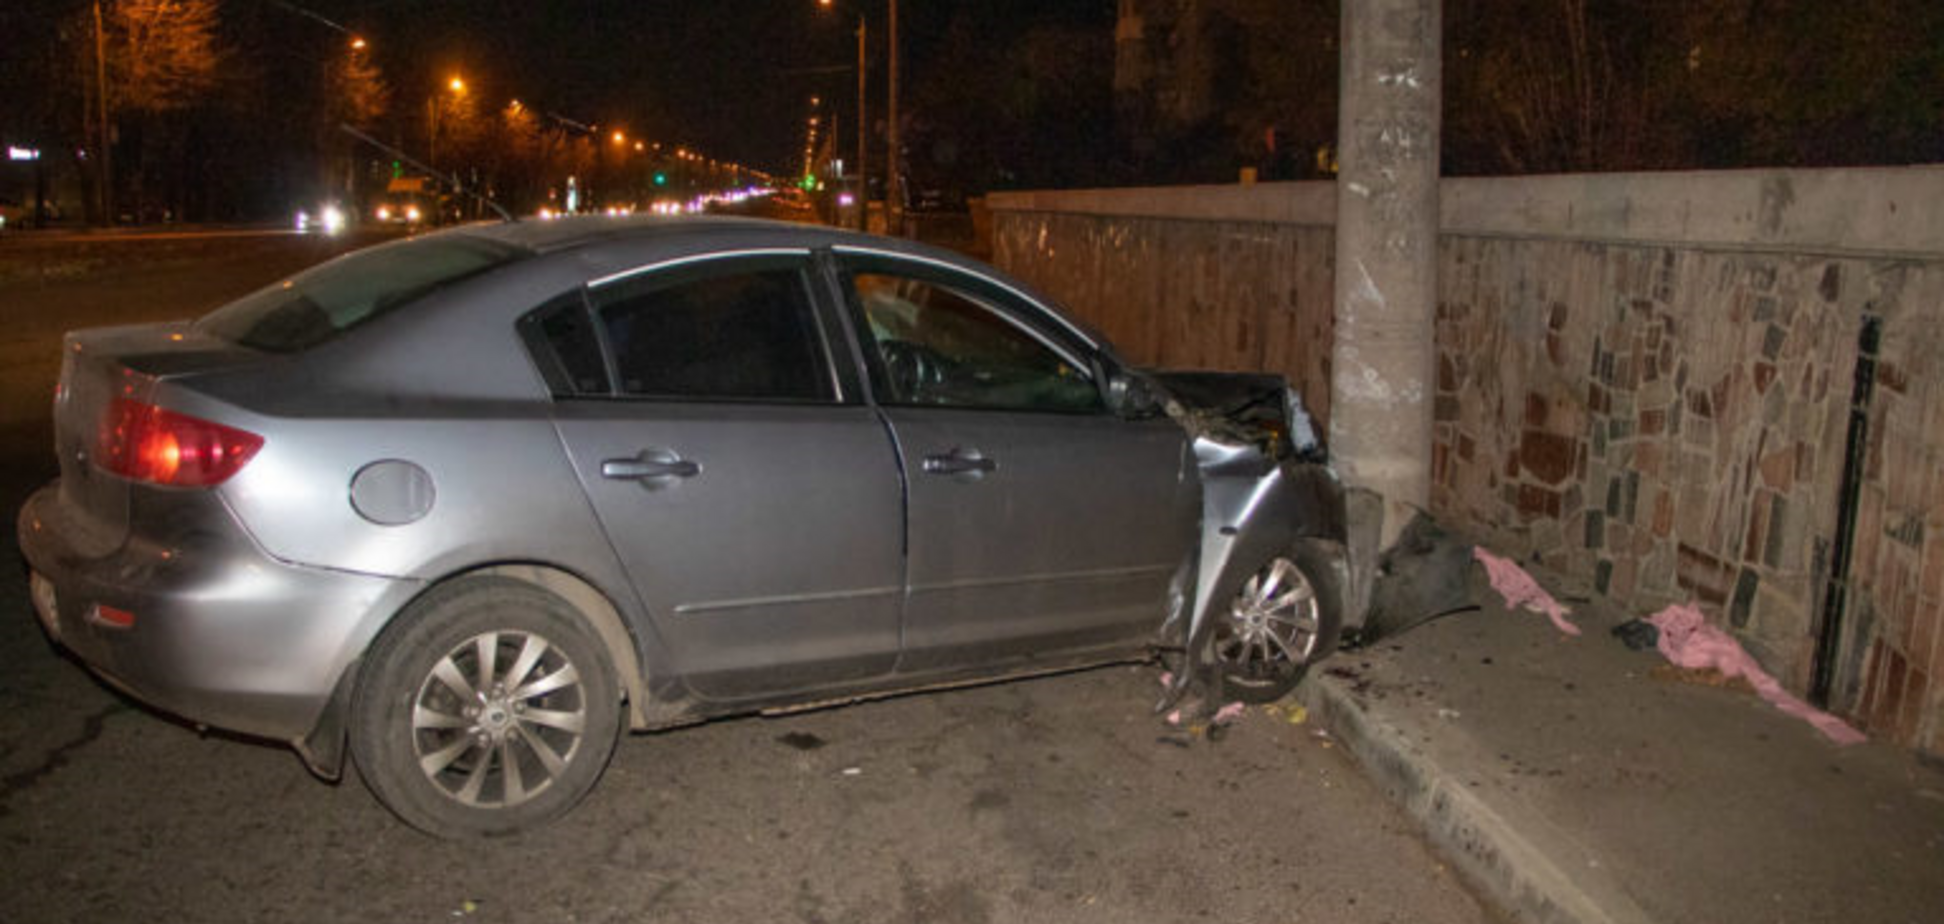 Втік з розбитою головою: в Дніпрі сталася 'п'яна' ДТП